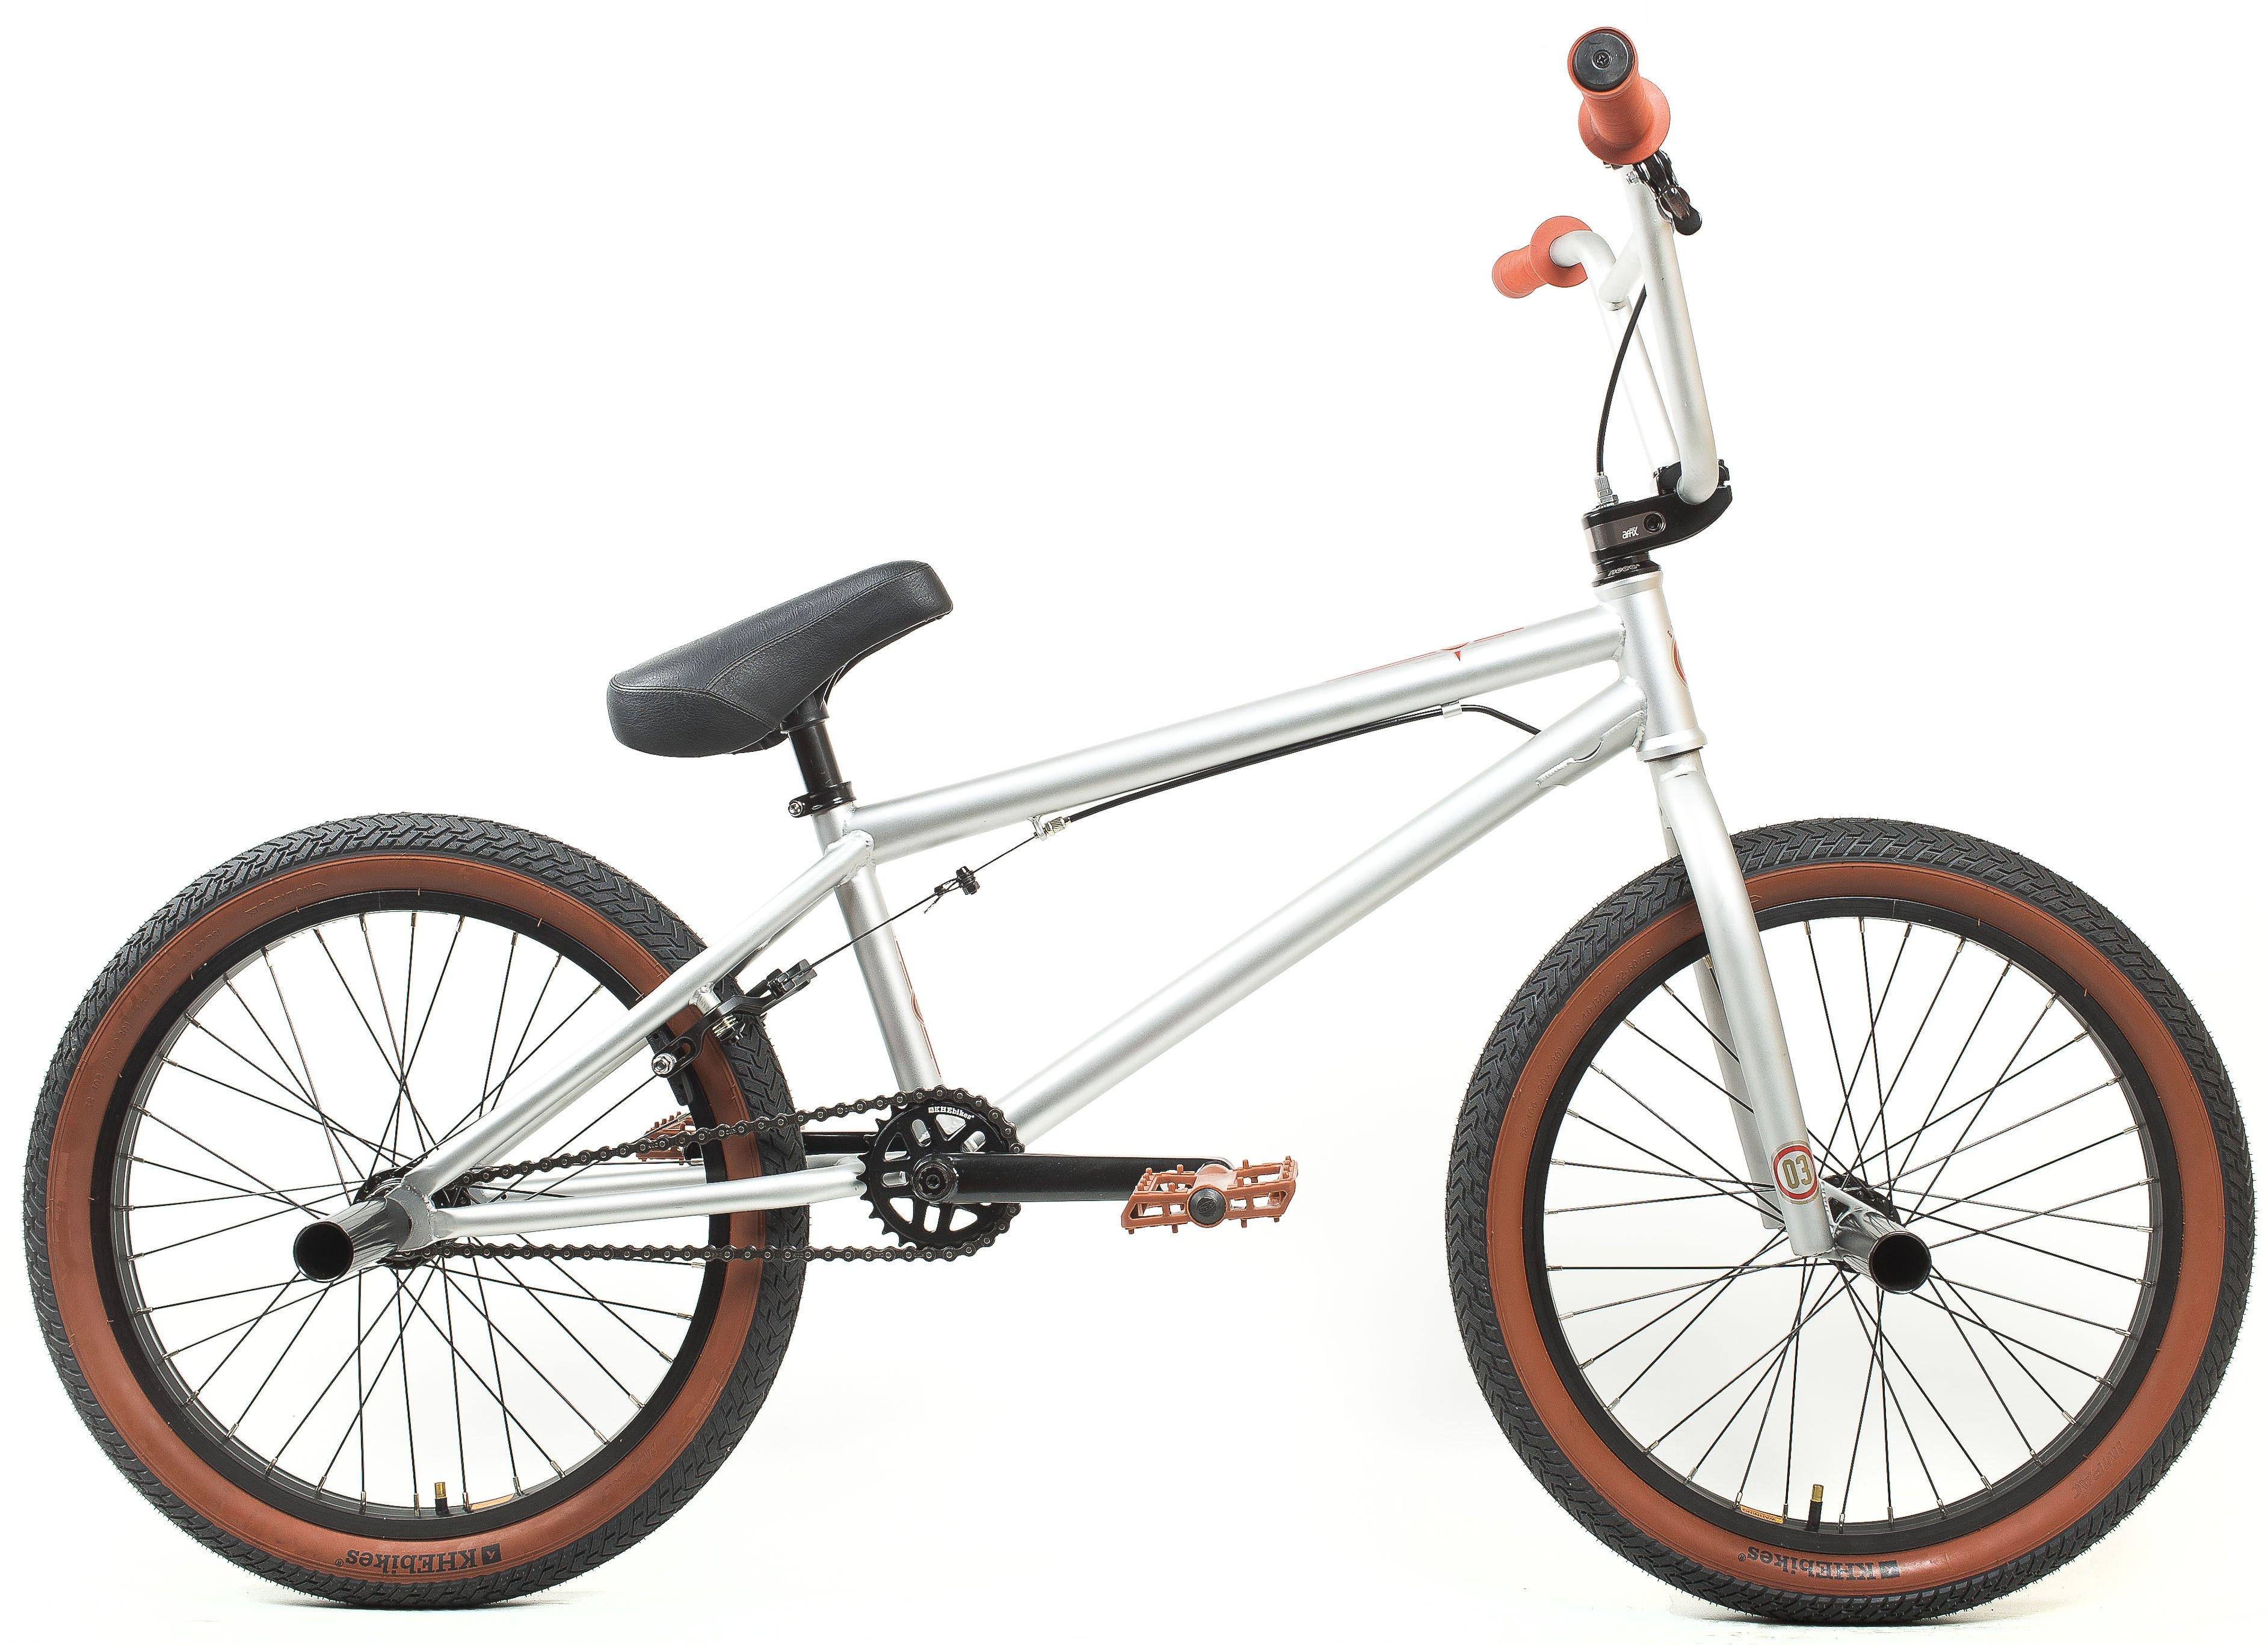 KHE Evo 03 BMX Street Bike